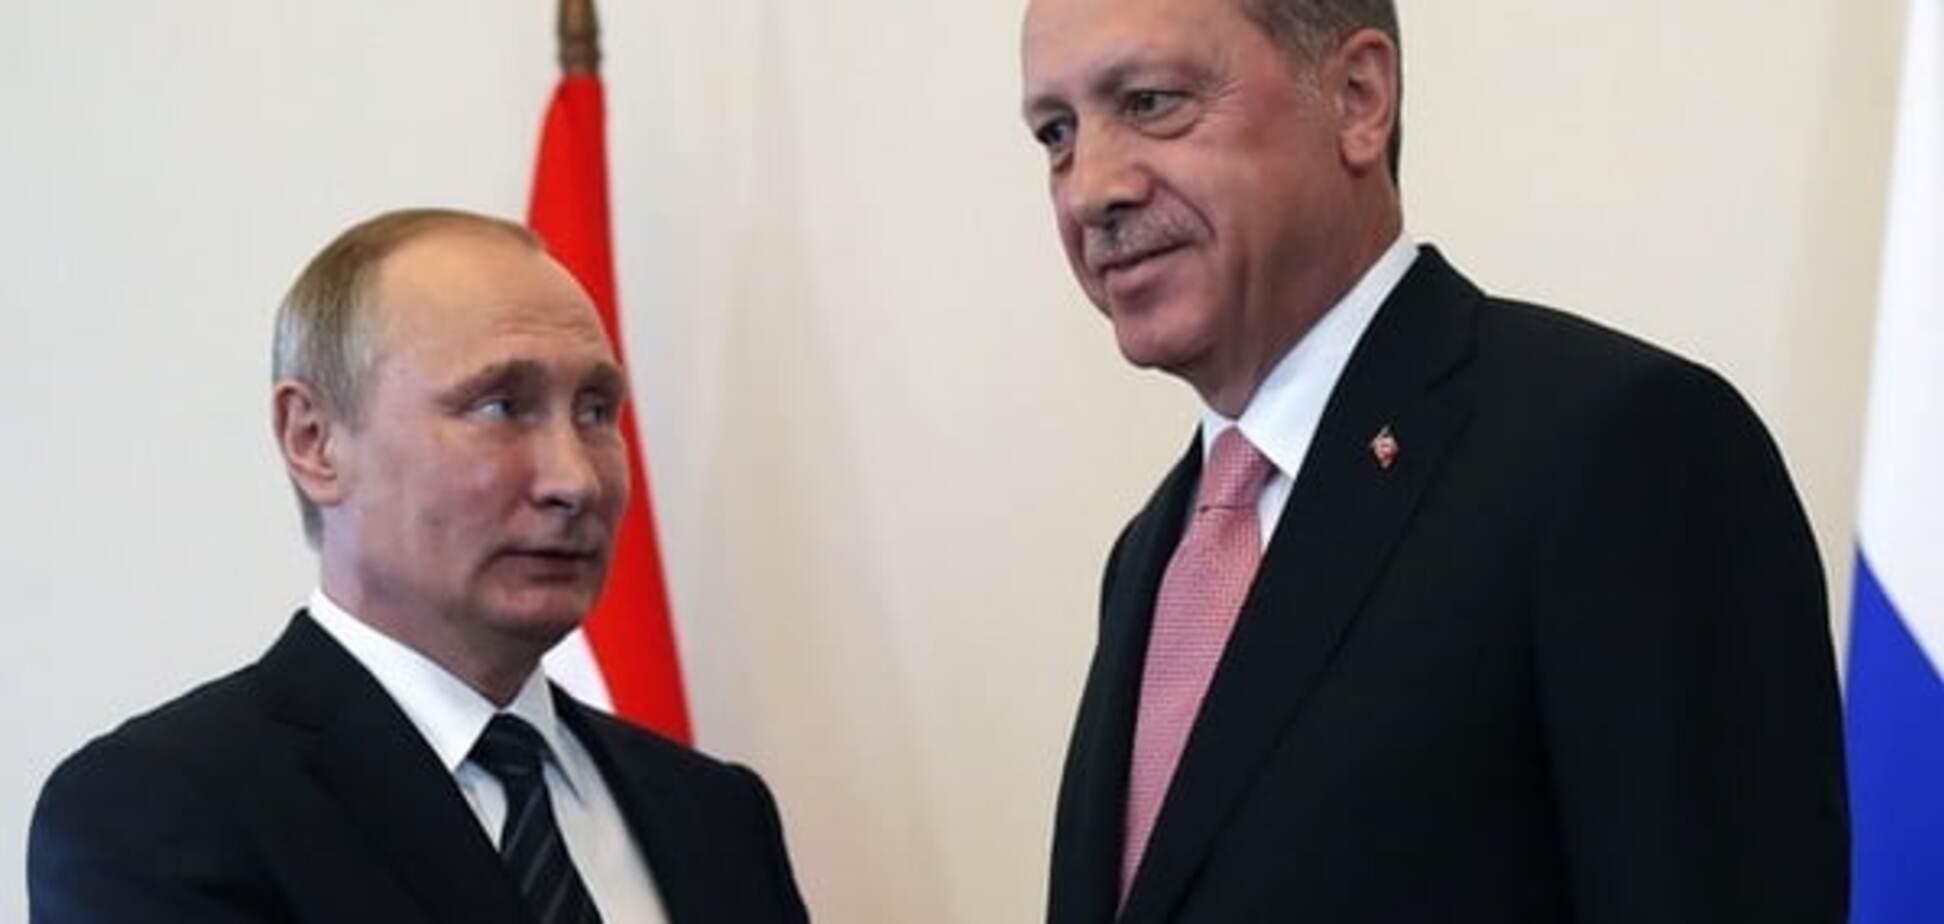 Владимир Путин, Реджеп Тайип Эрдоган